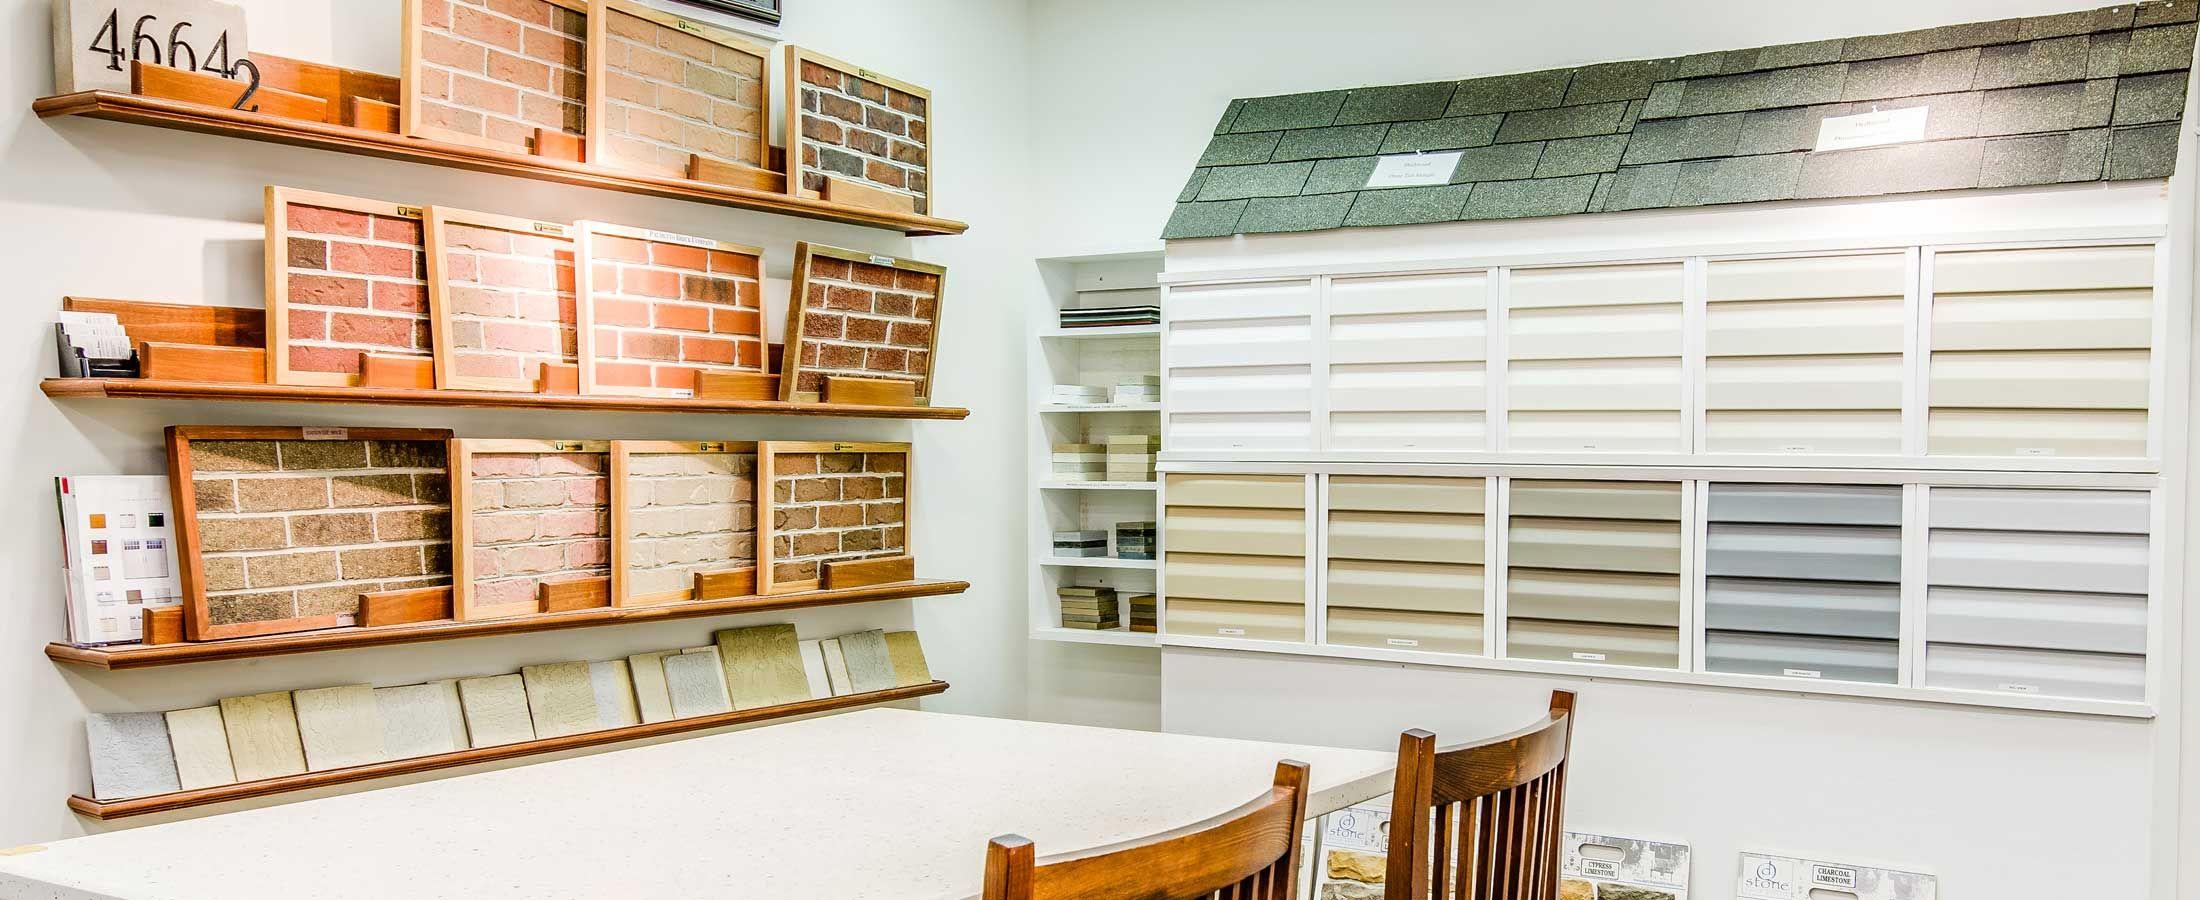 columbus home design center design your dream home with trinity homes exterior home options - Trinity Home Design